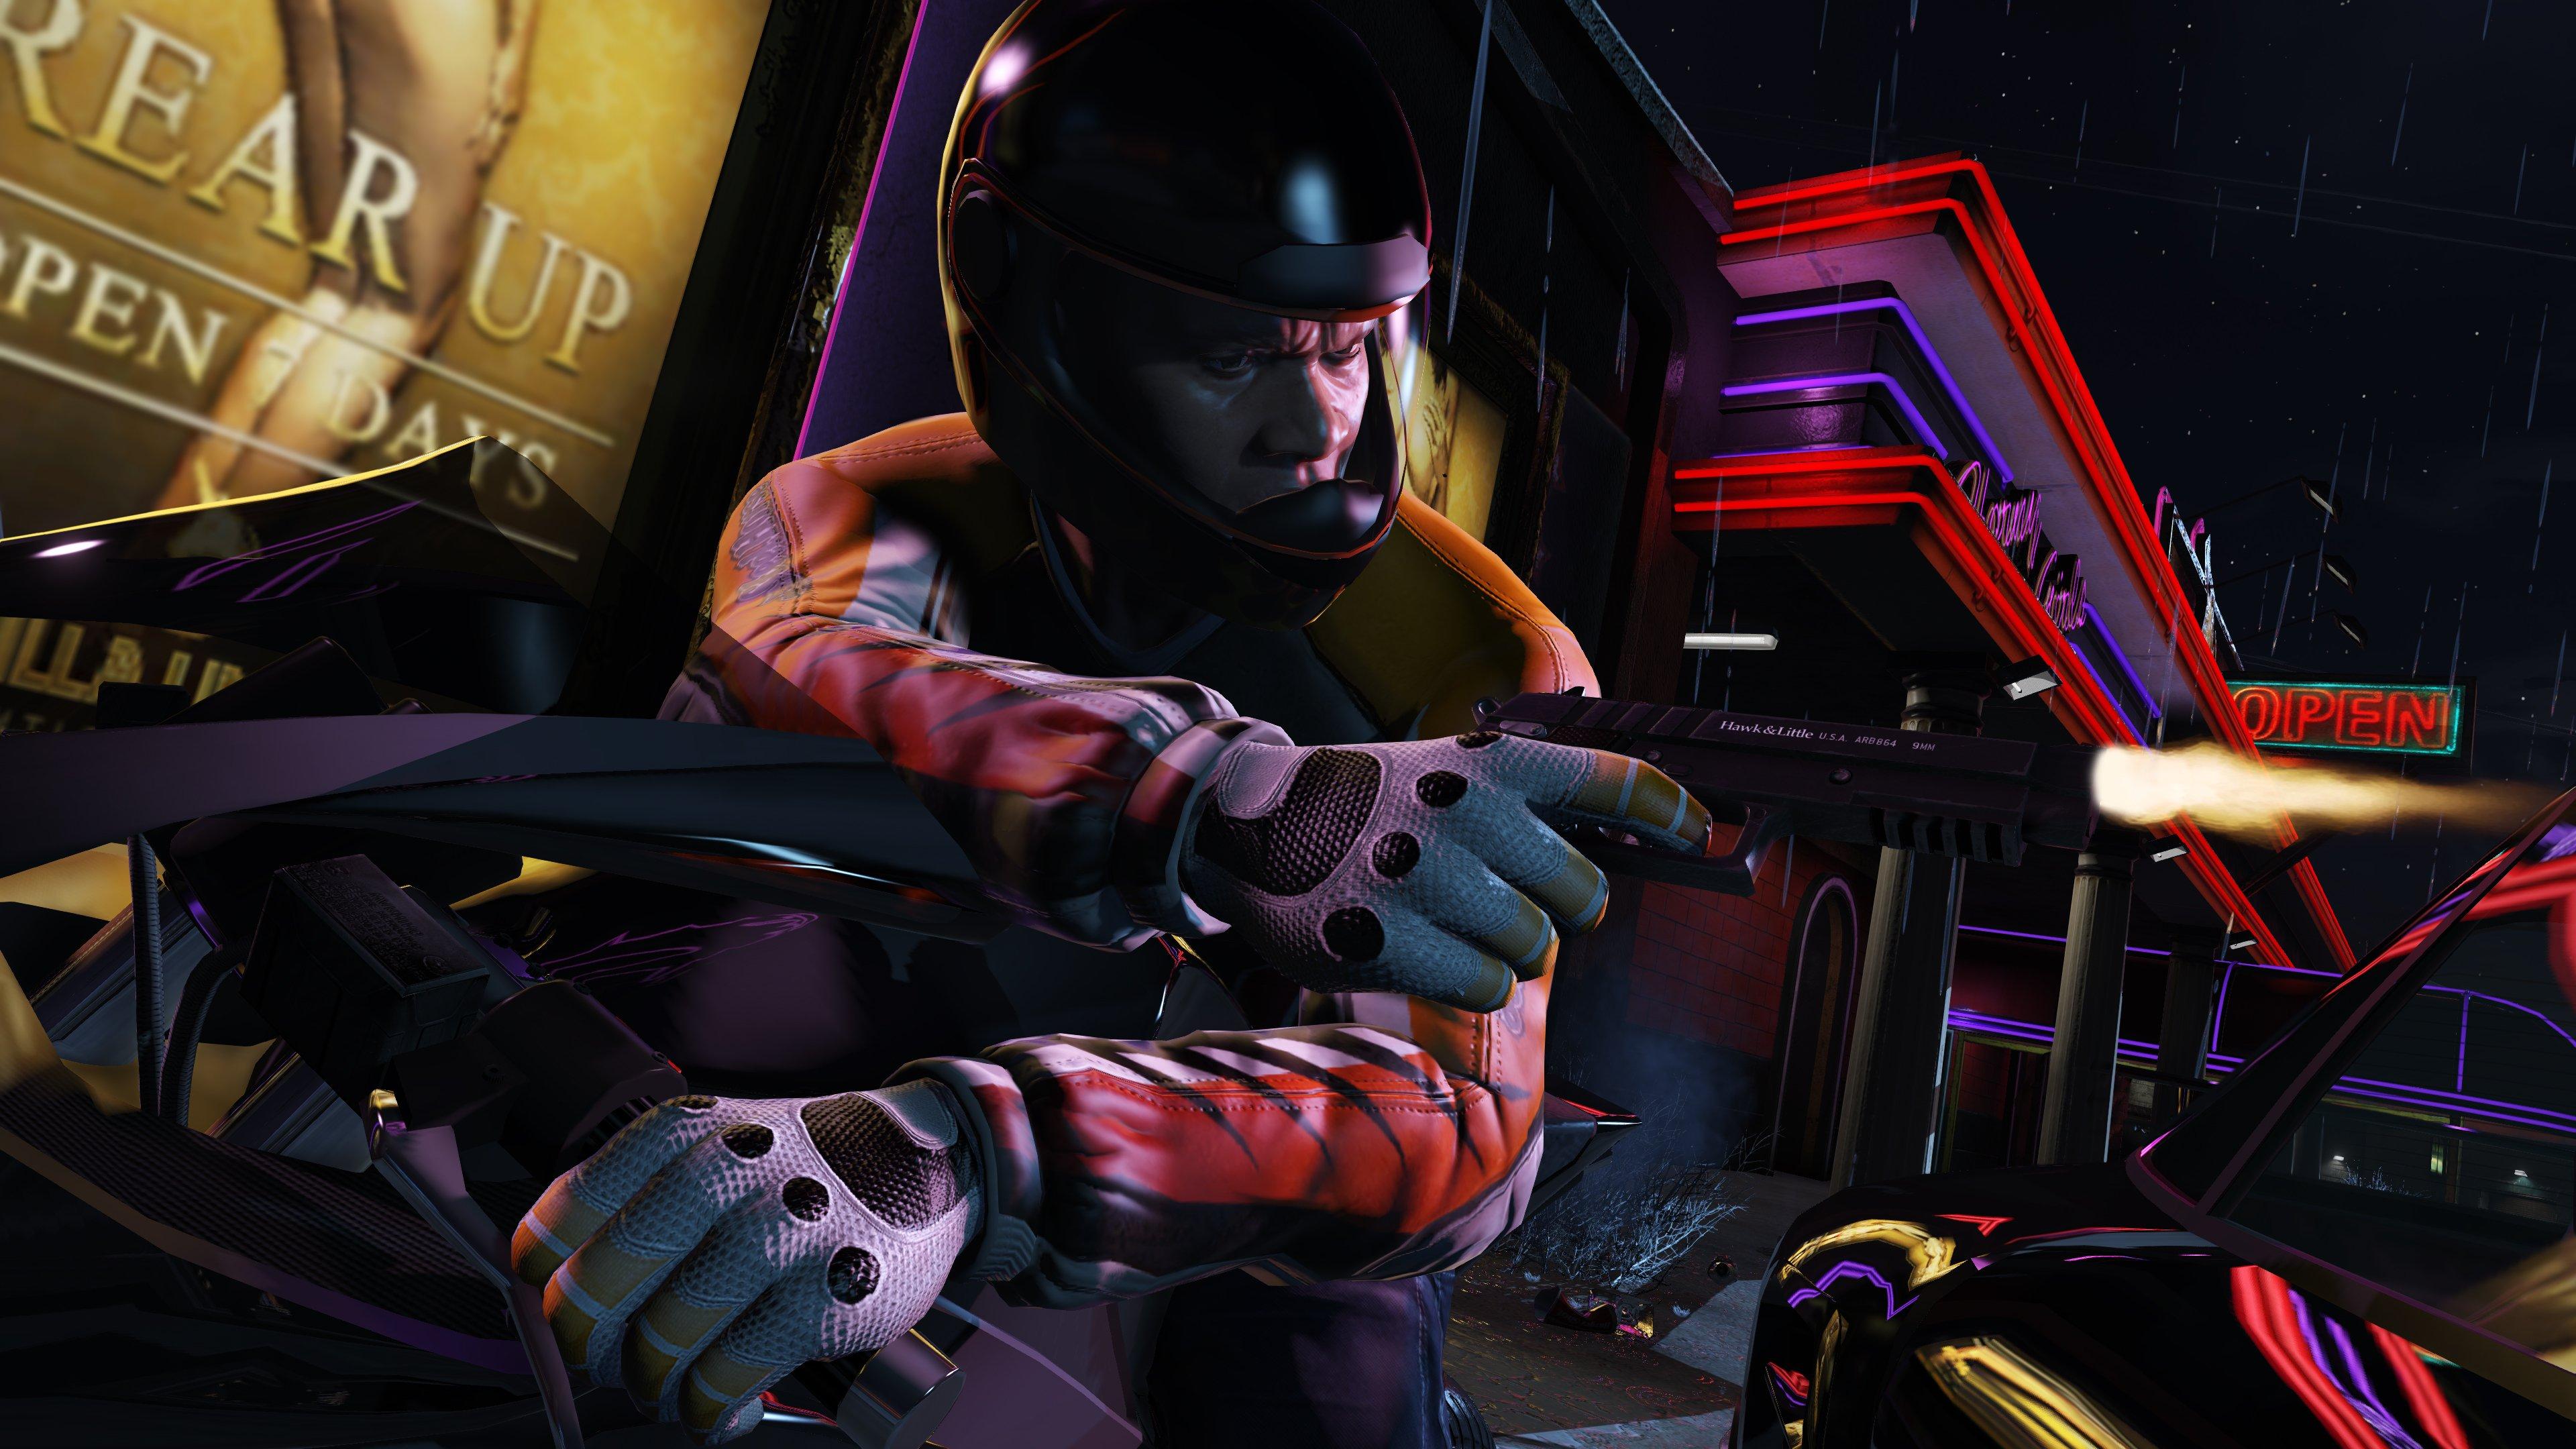 Rockstar показала новые скриншоты PC версии GTA V. - Изображение 9